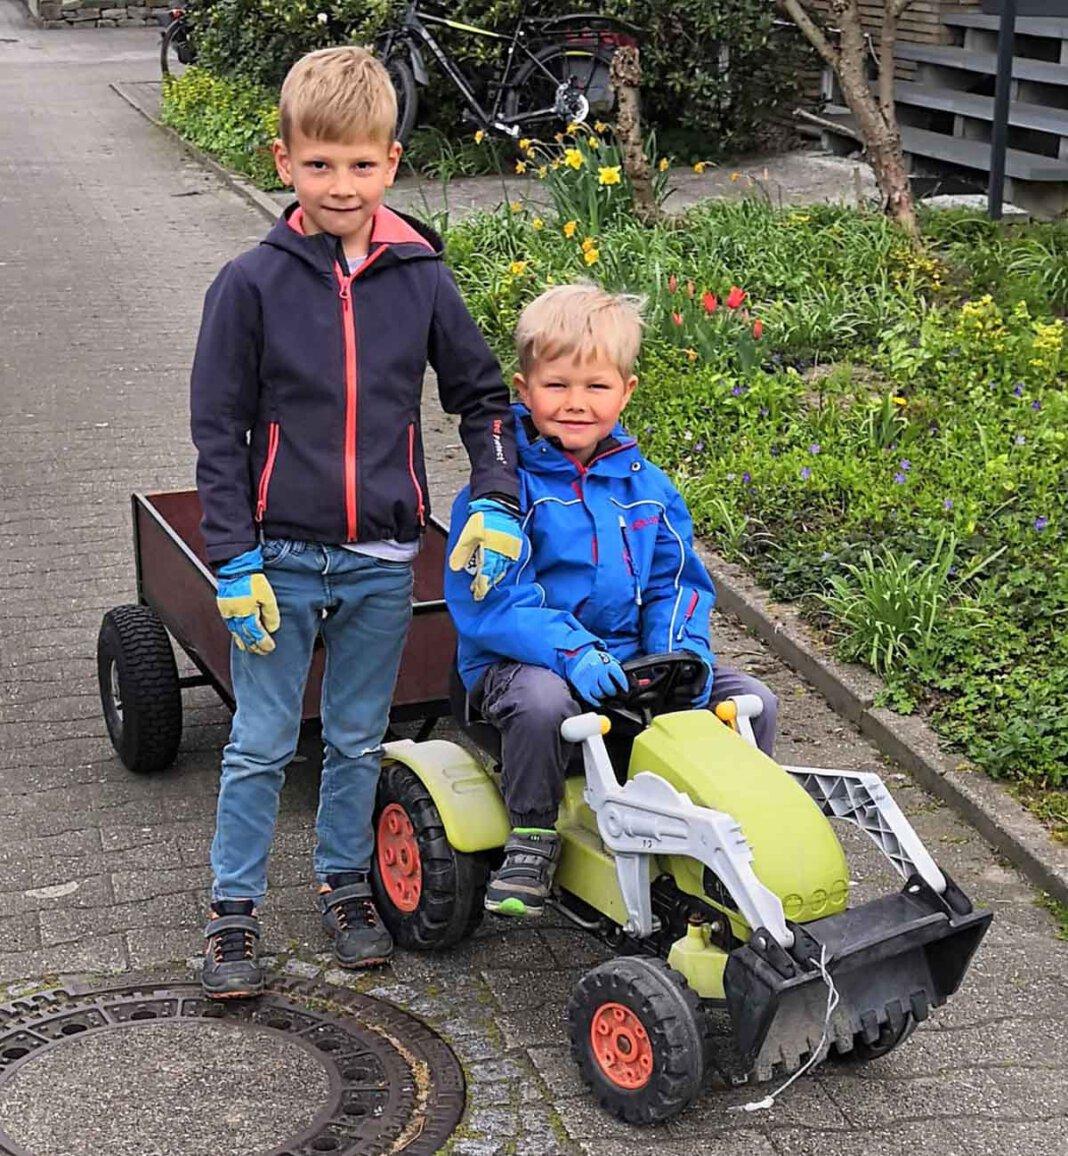 """Unterwegs mit Tret-Trecker und Anhänger: Elias Brinker (5) und Enno Hagenkamp (6) reinigen ihr """"Revier"""" von Müll. Foto: Isabel Schütte"""